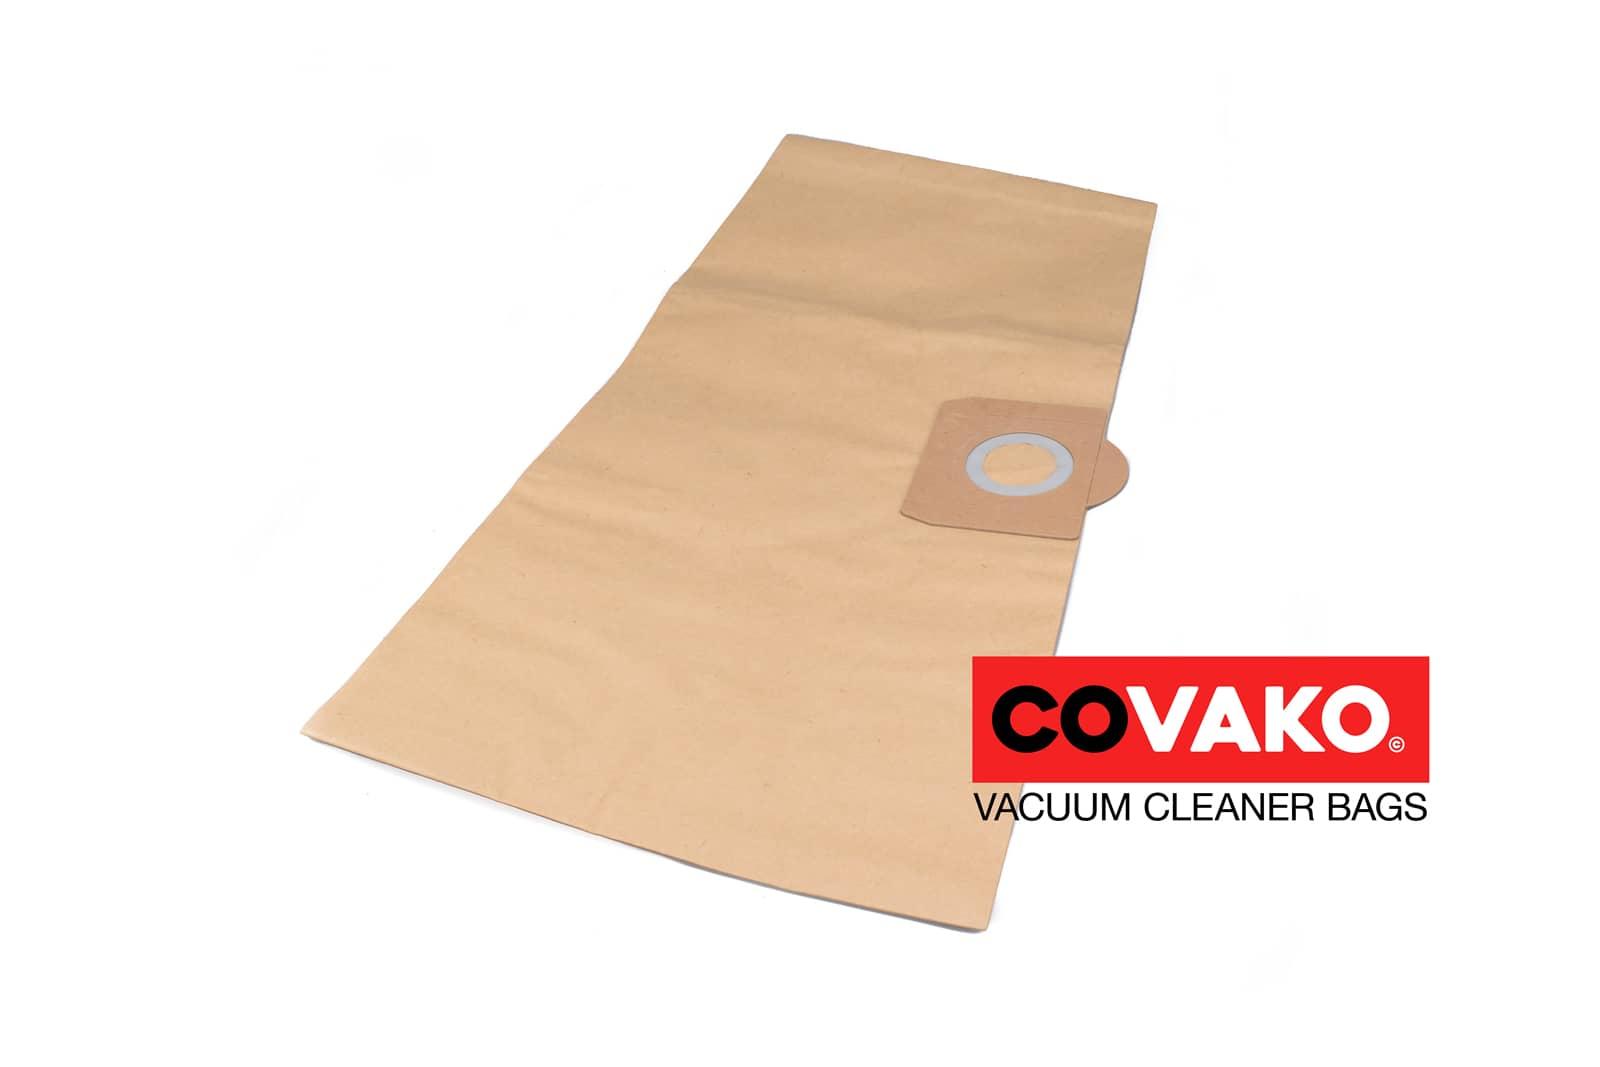 Tennant V 12 / Papier - Tennant sacs d'aspirateur